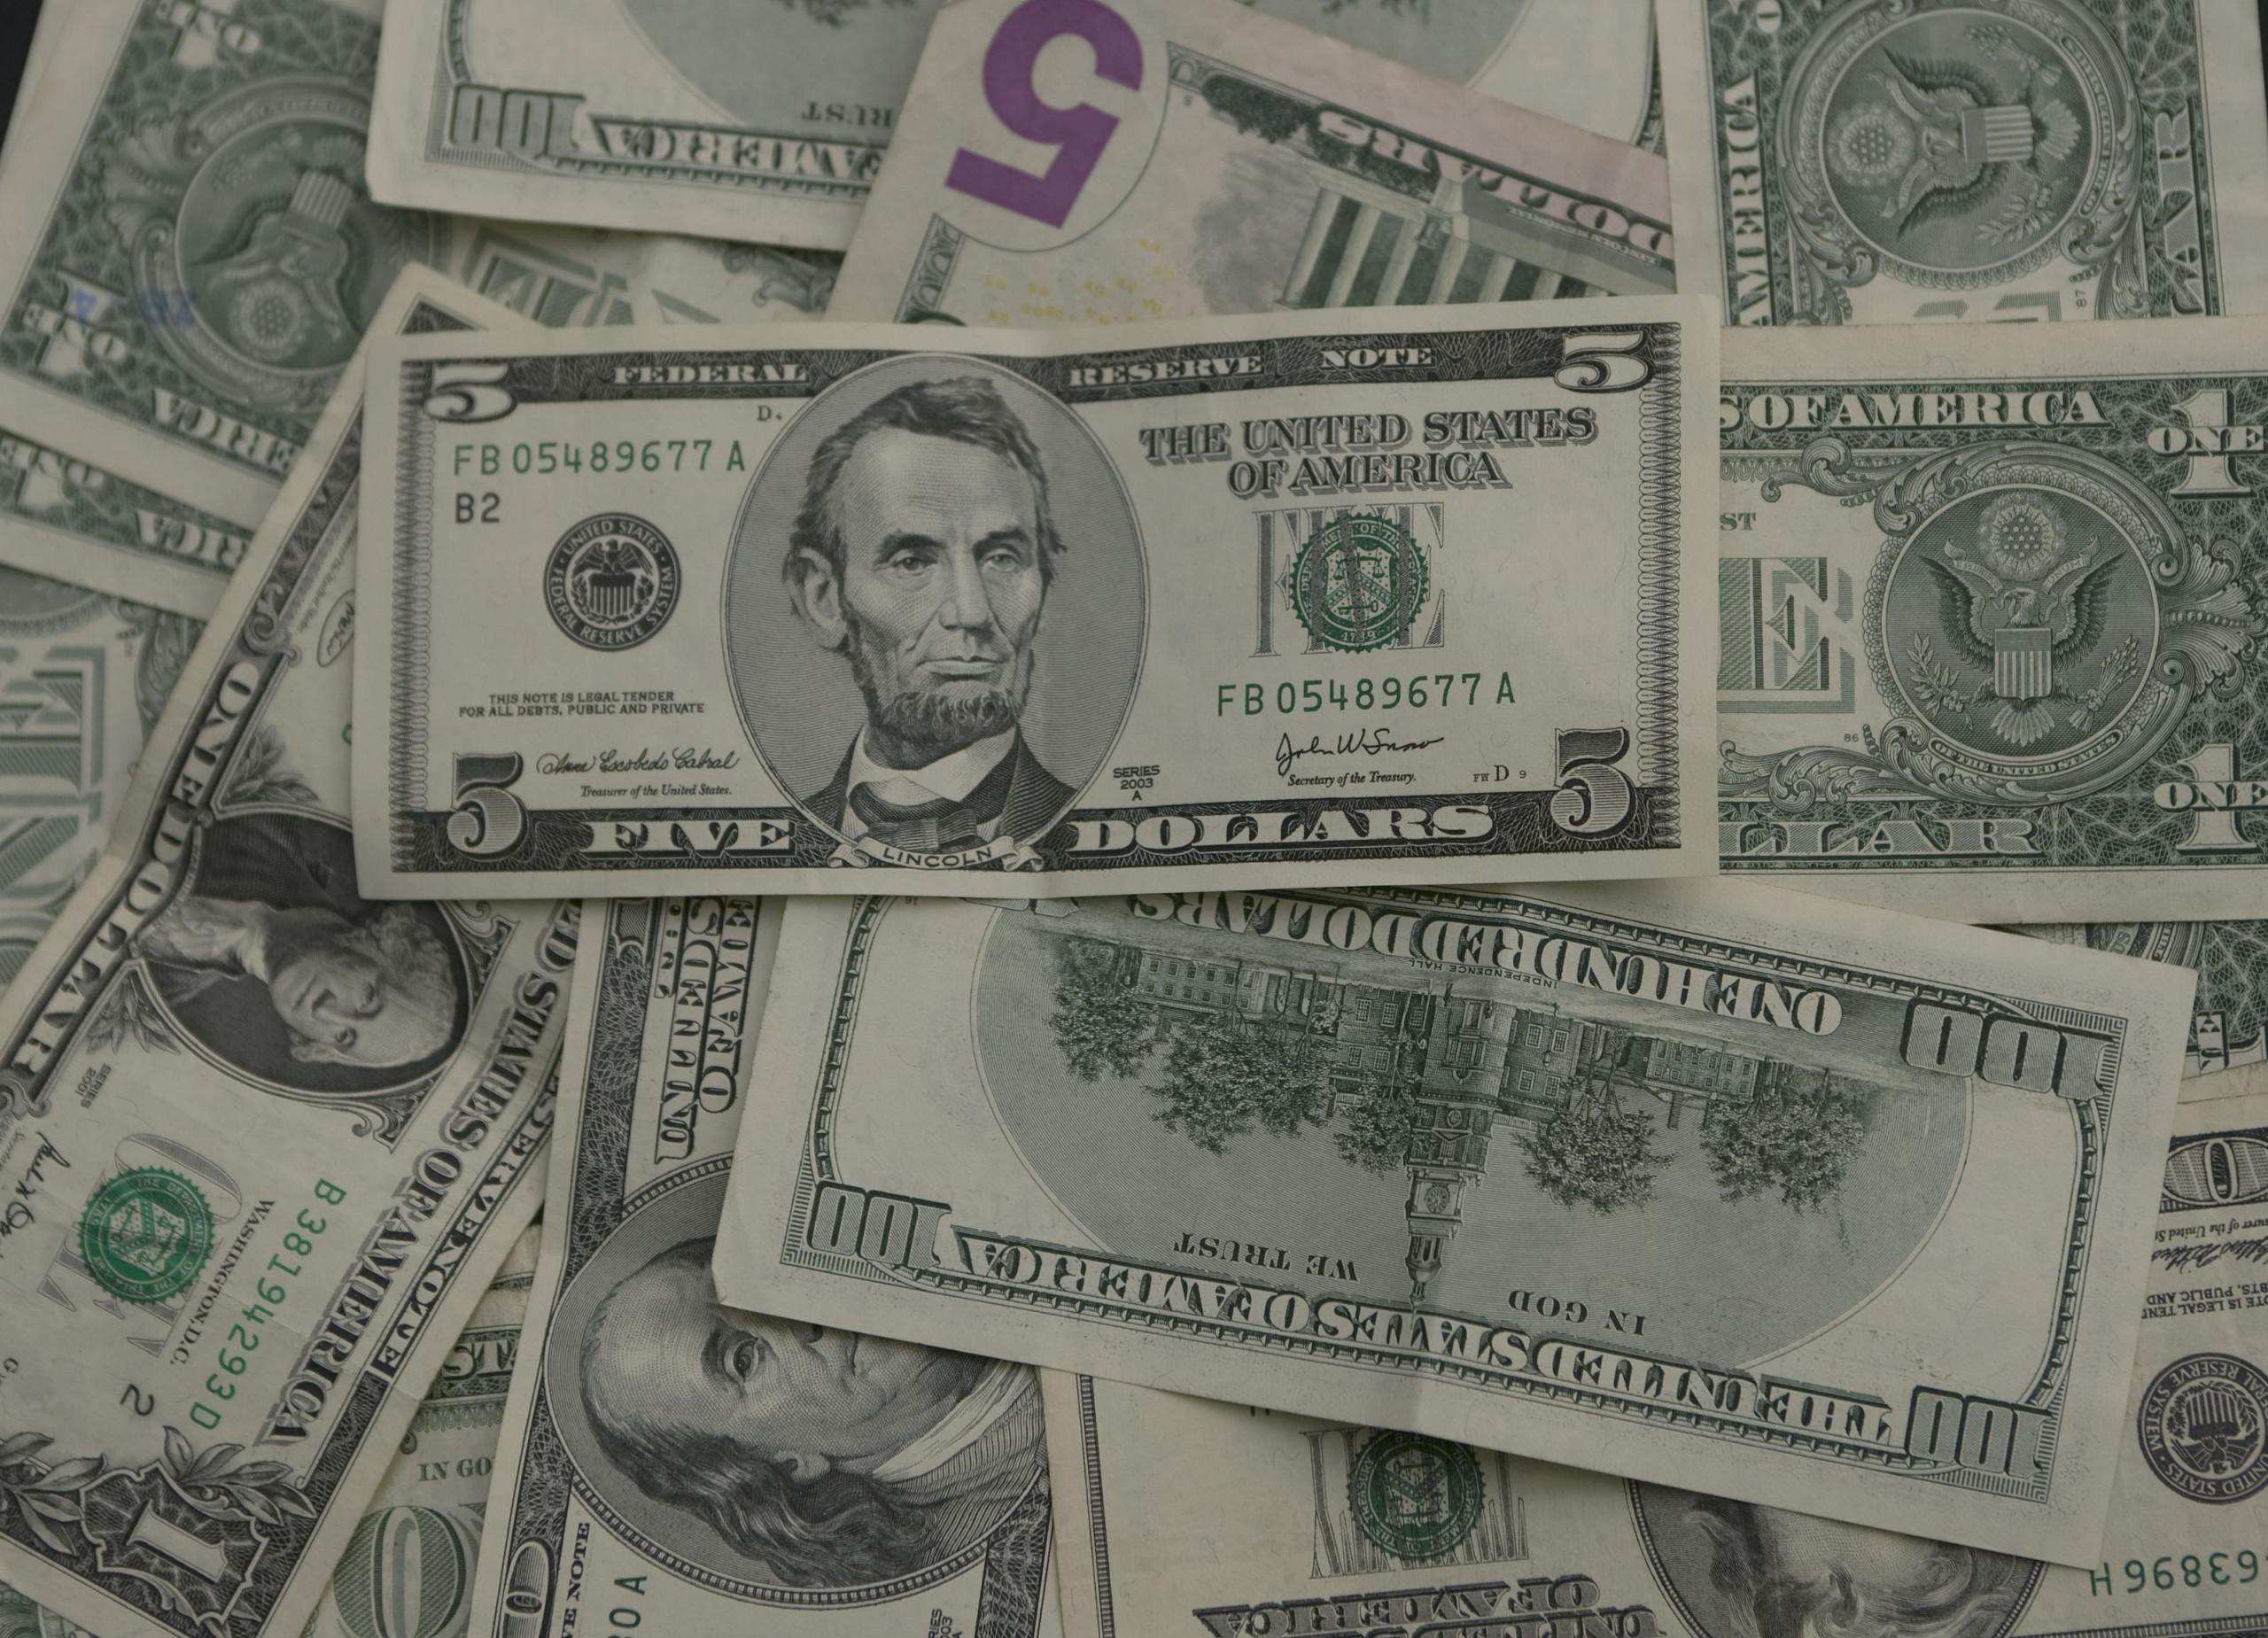 Suíça desbloqueou 60 milhões de dólares bloqueados ao Fundo Soberano